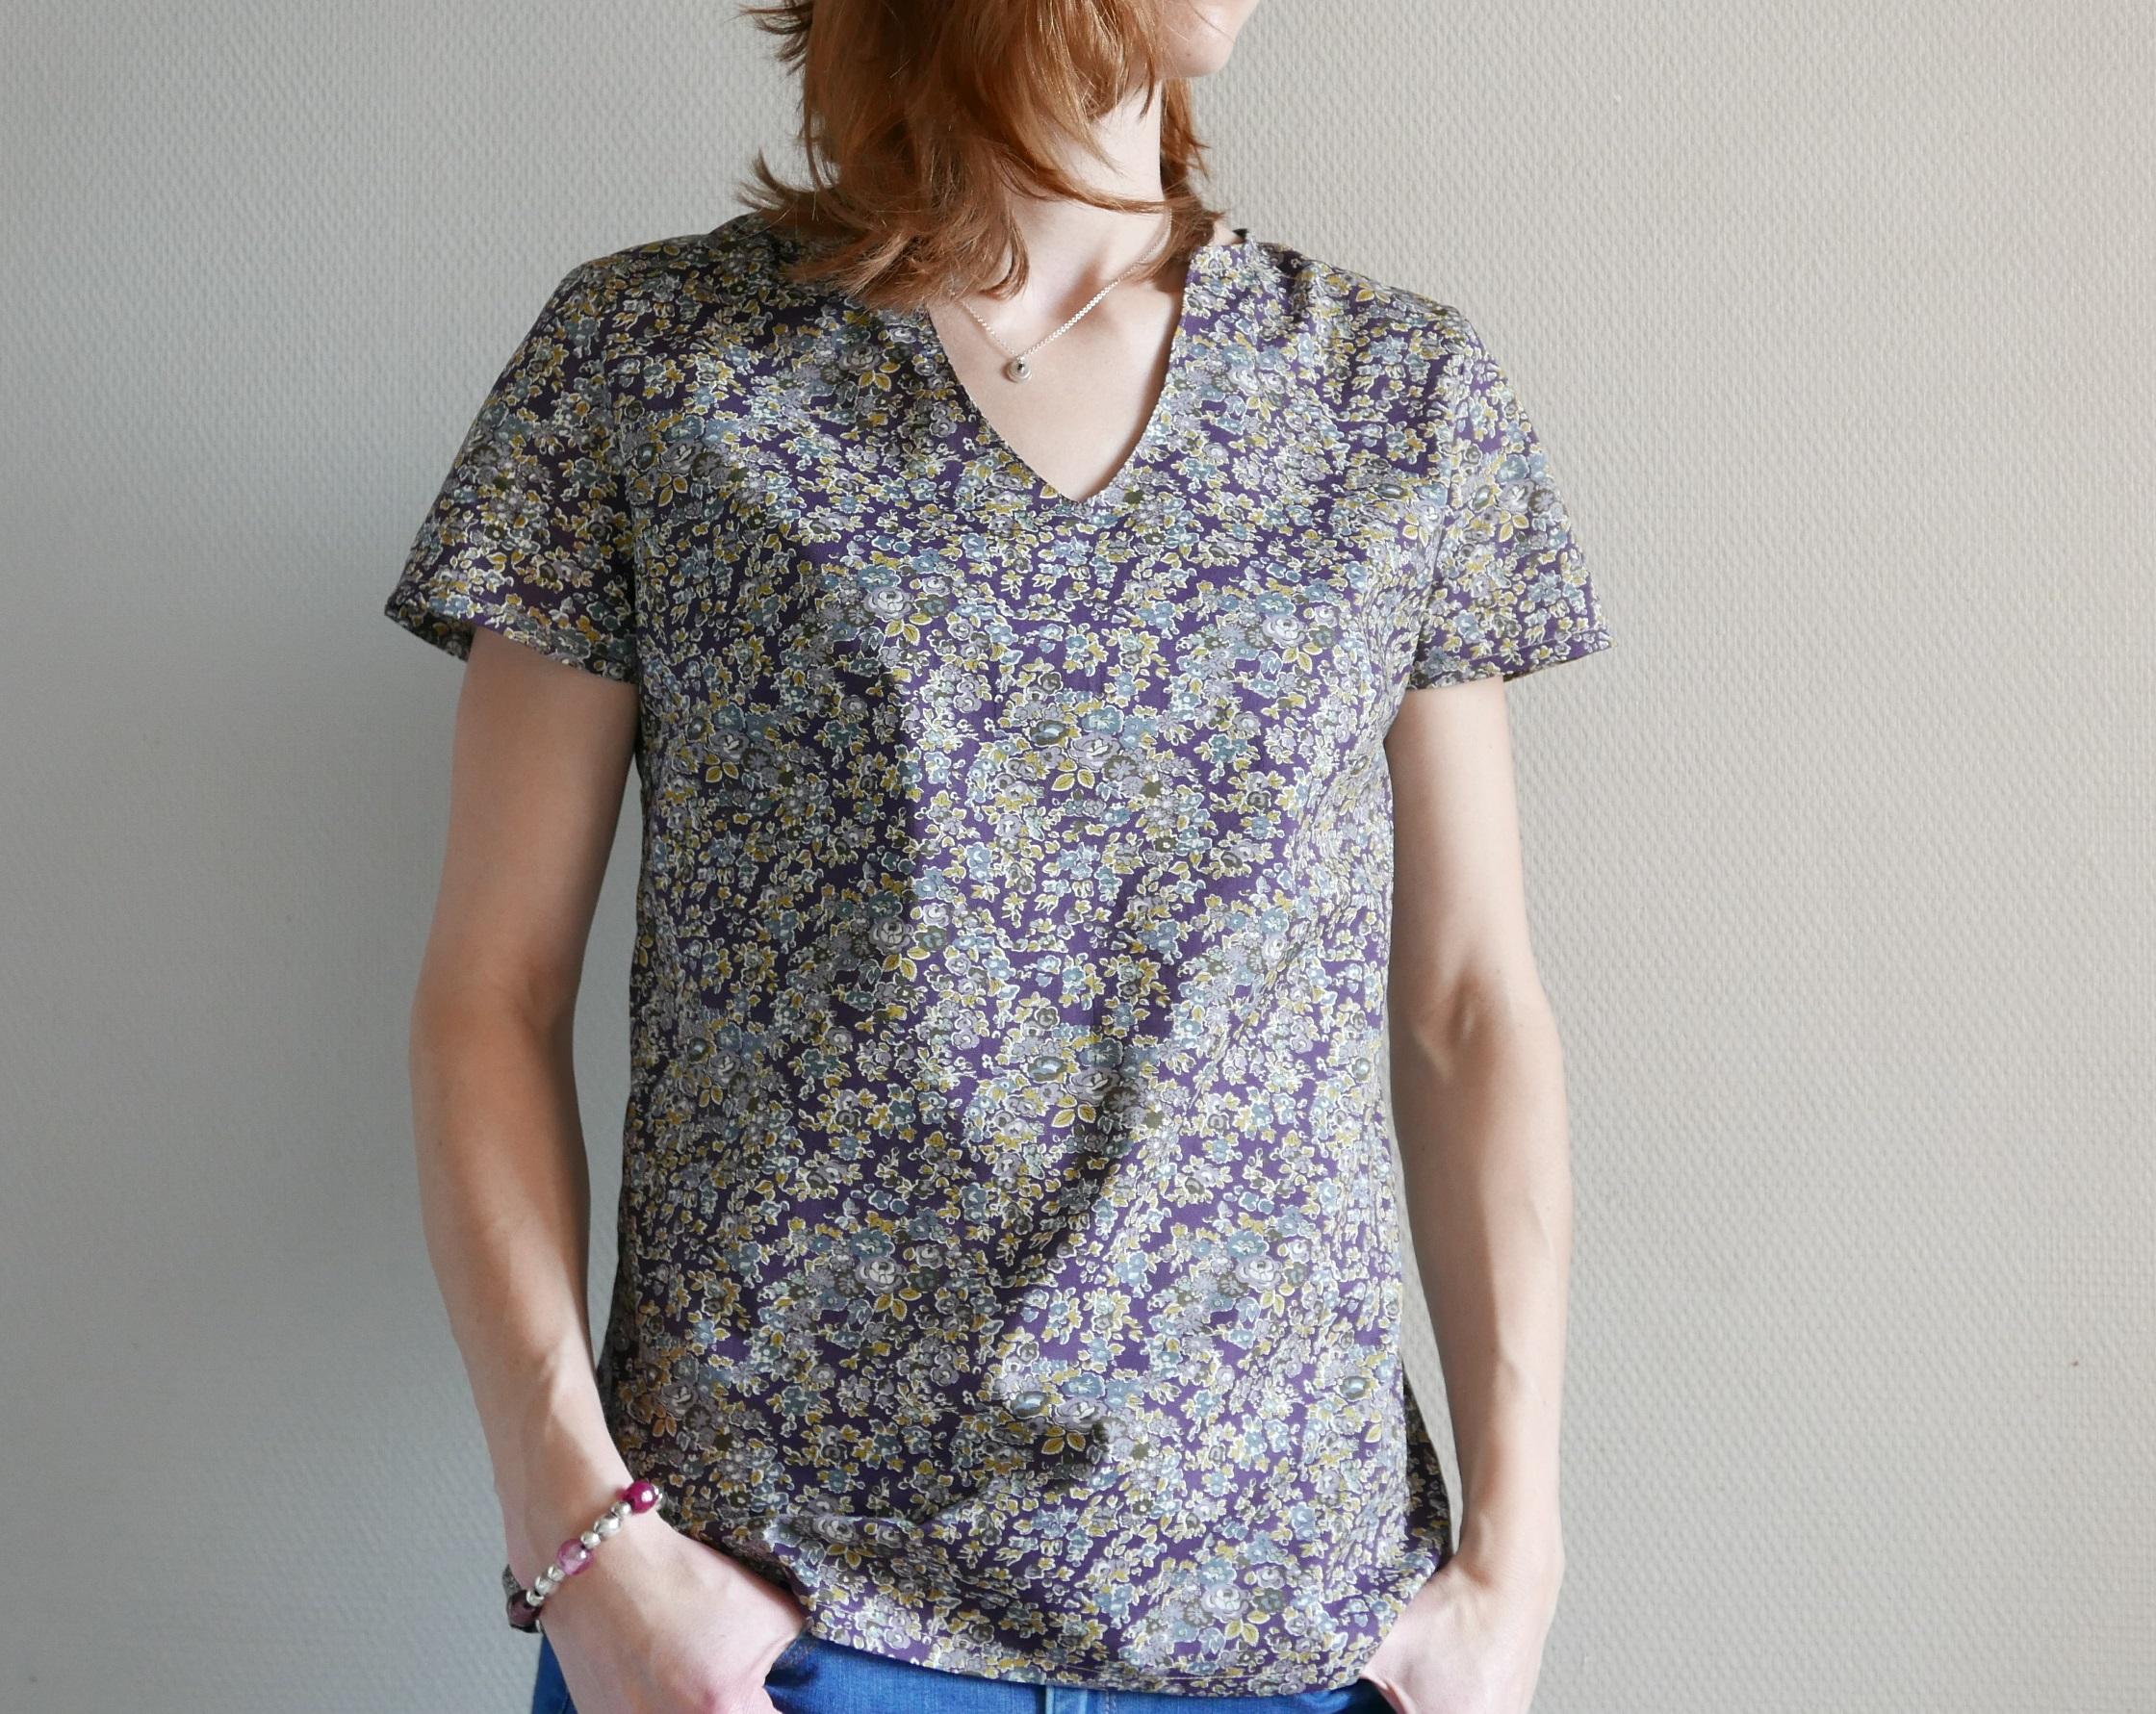 Le Féminin version blouse : pas à pas